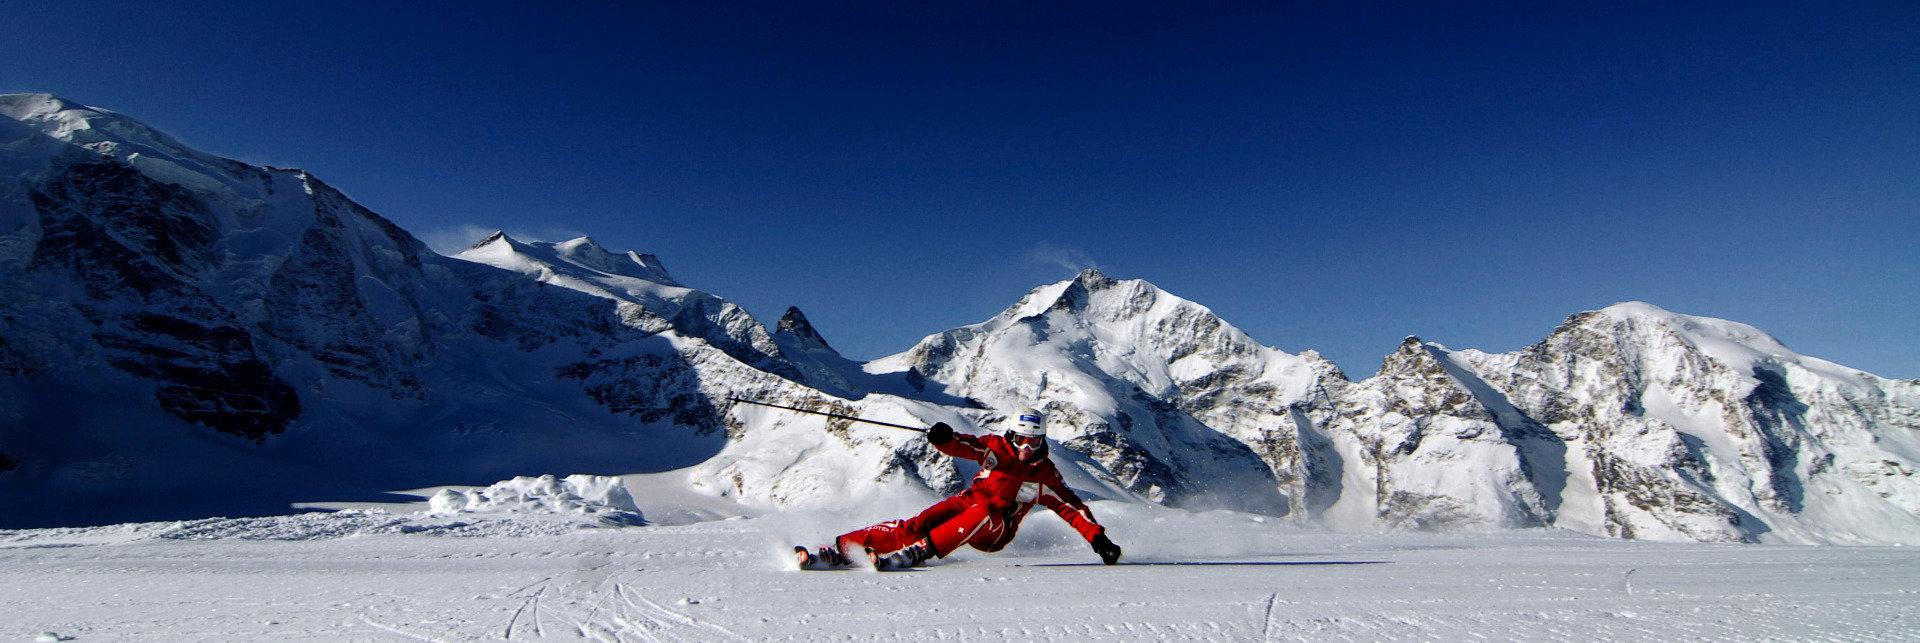 Skilehrer in St Moritz vorm Bernina Massiv - © ENGADIN St. Moritz